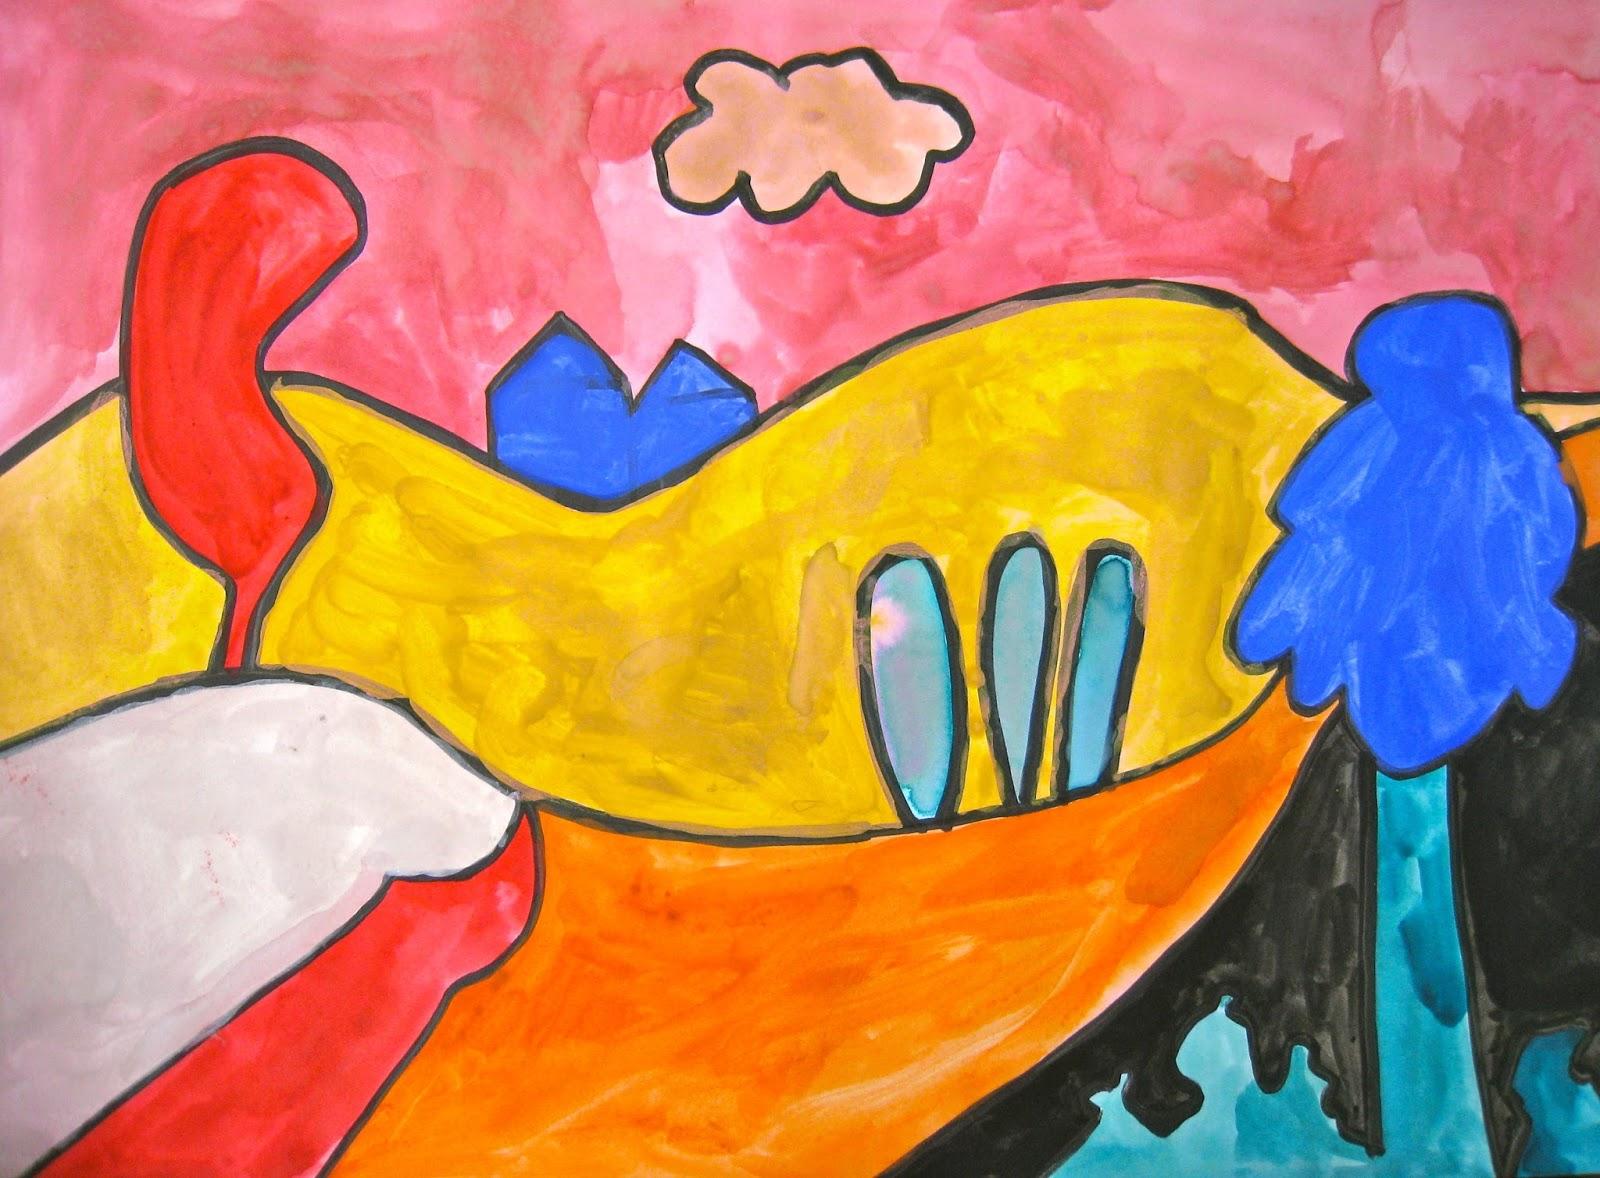 PS77 Brooklyn Art News: Fall Fauvism